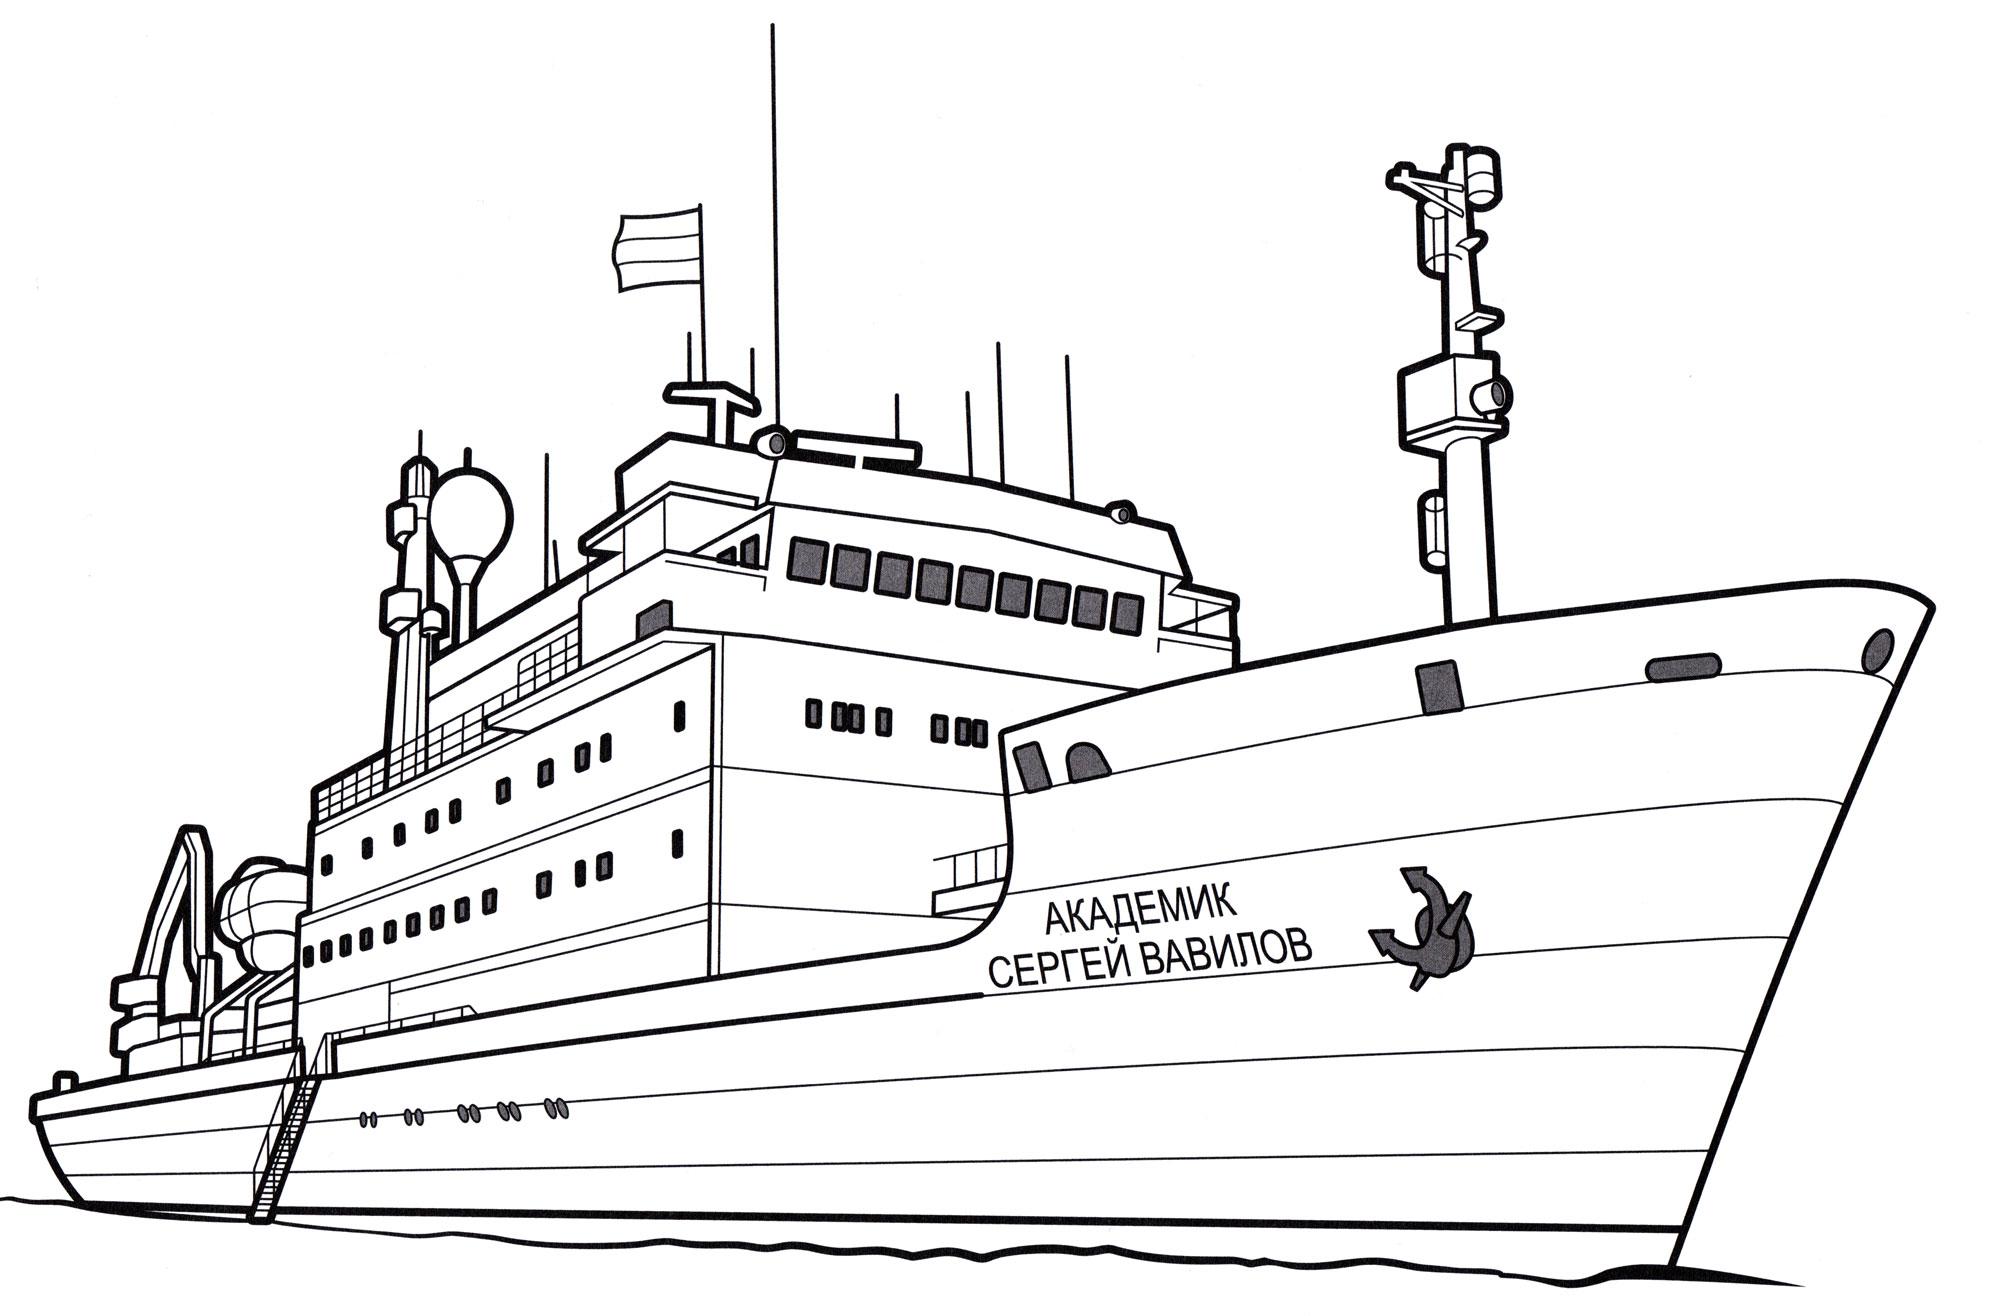 Раскраска Судно Академик Вавилов | Раскраски корабли